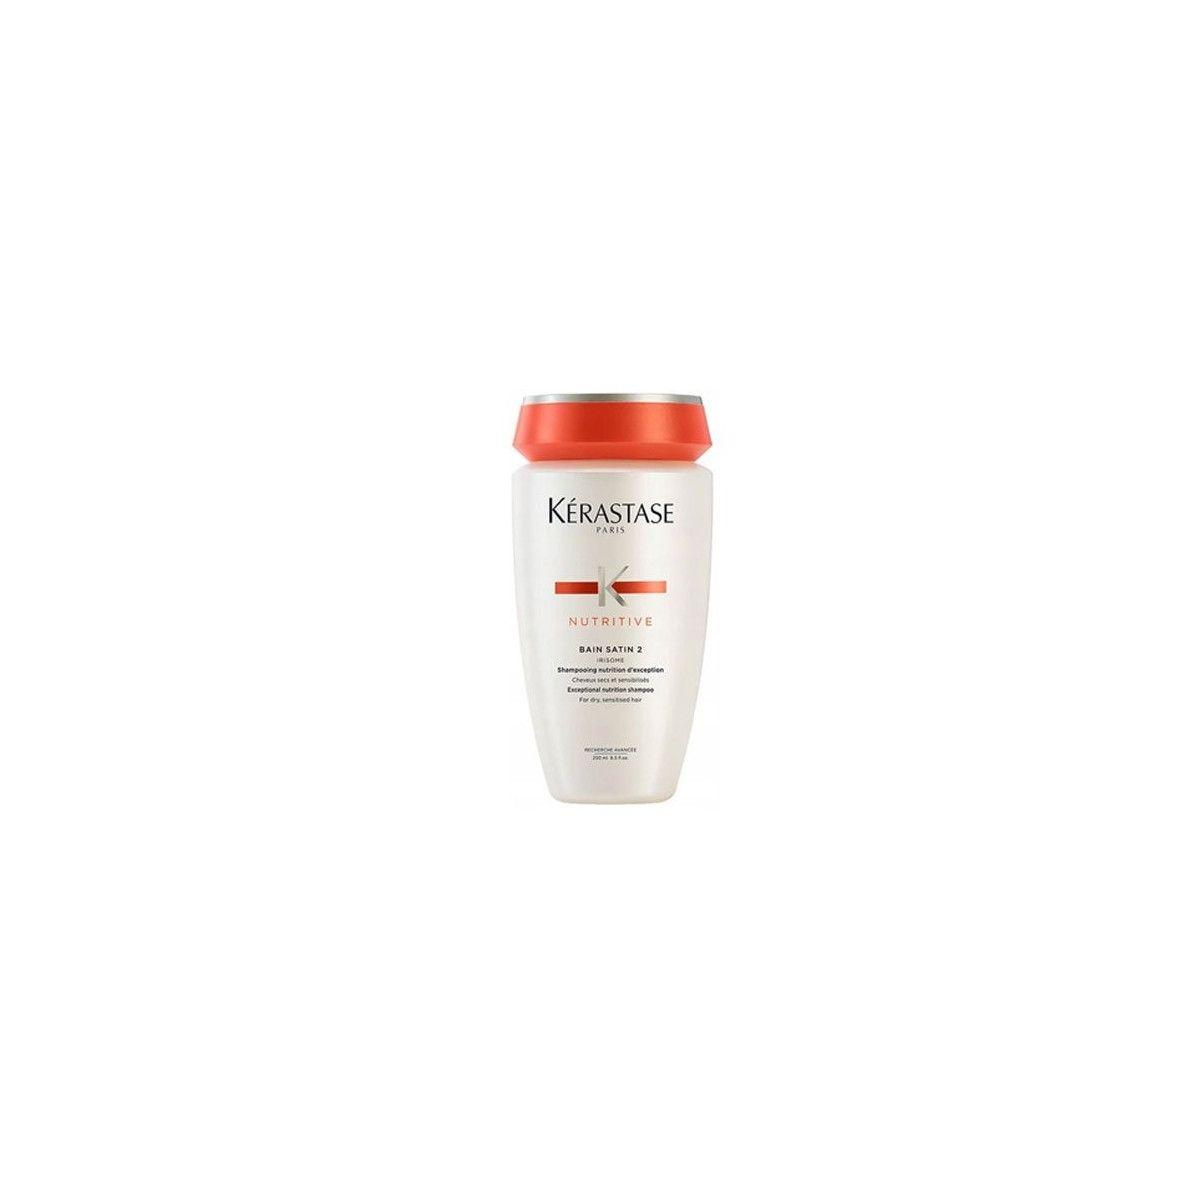 KERASTASE BAIN SATIN 2 szampon do suchych i wrażliwych włosów 250ml